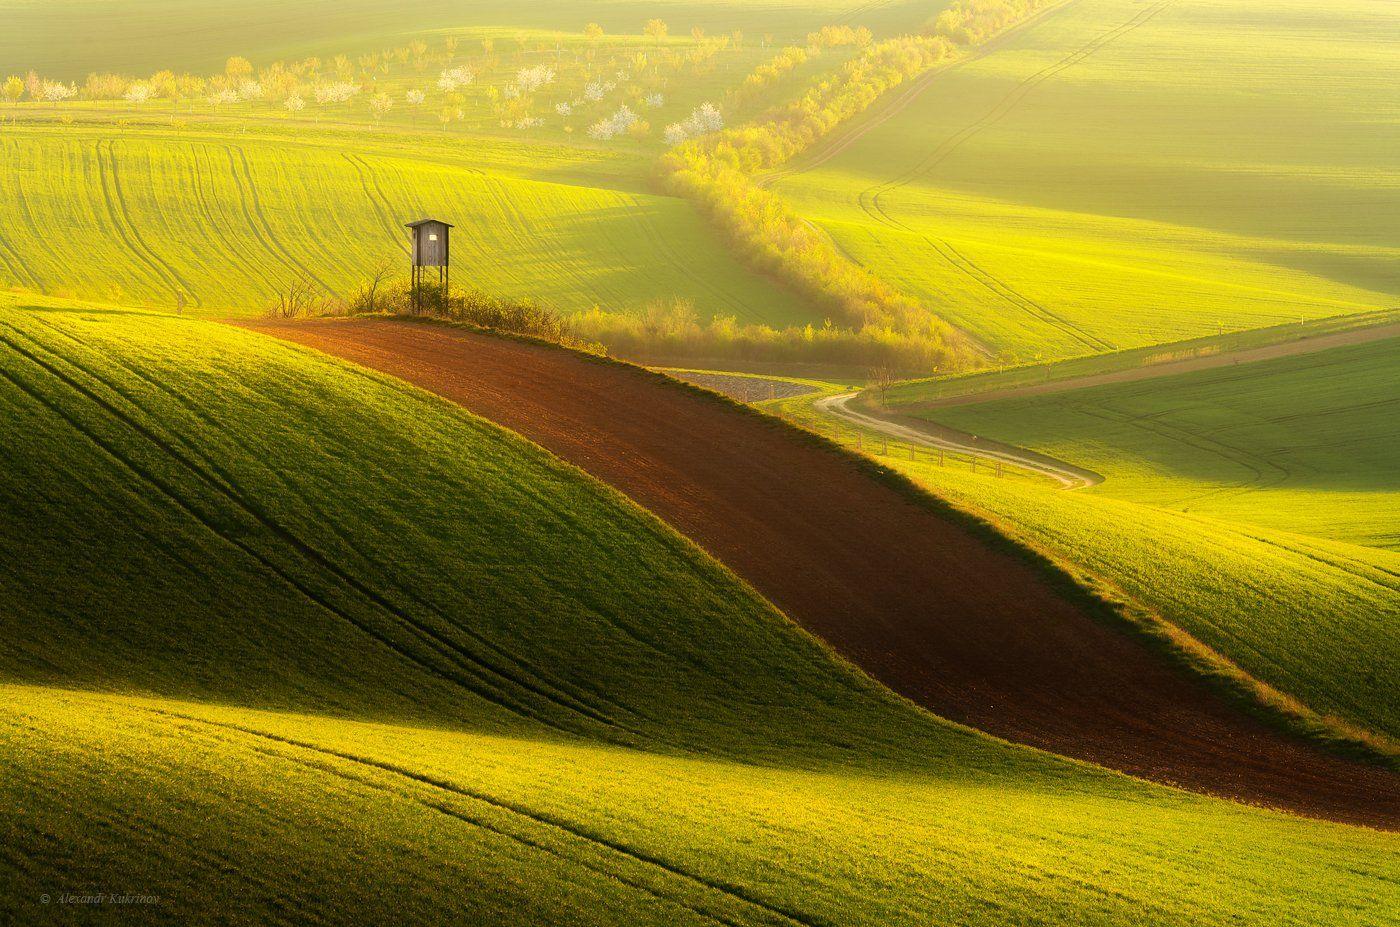 моравия, рассвет, пейзаж, Александр Кукринов